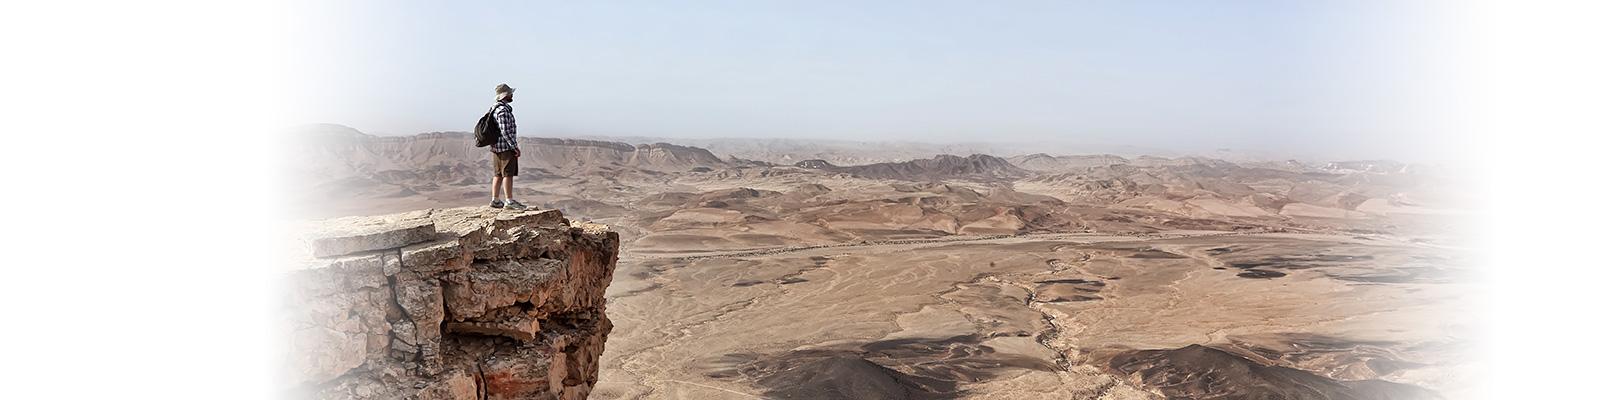 イスラエル 砂漠 渓谷 イメージ